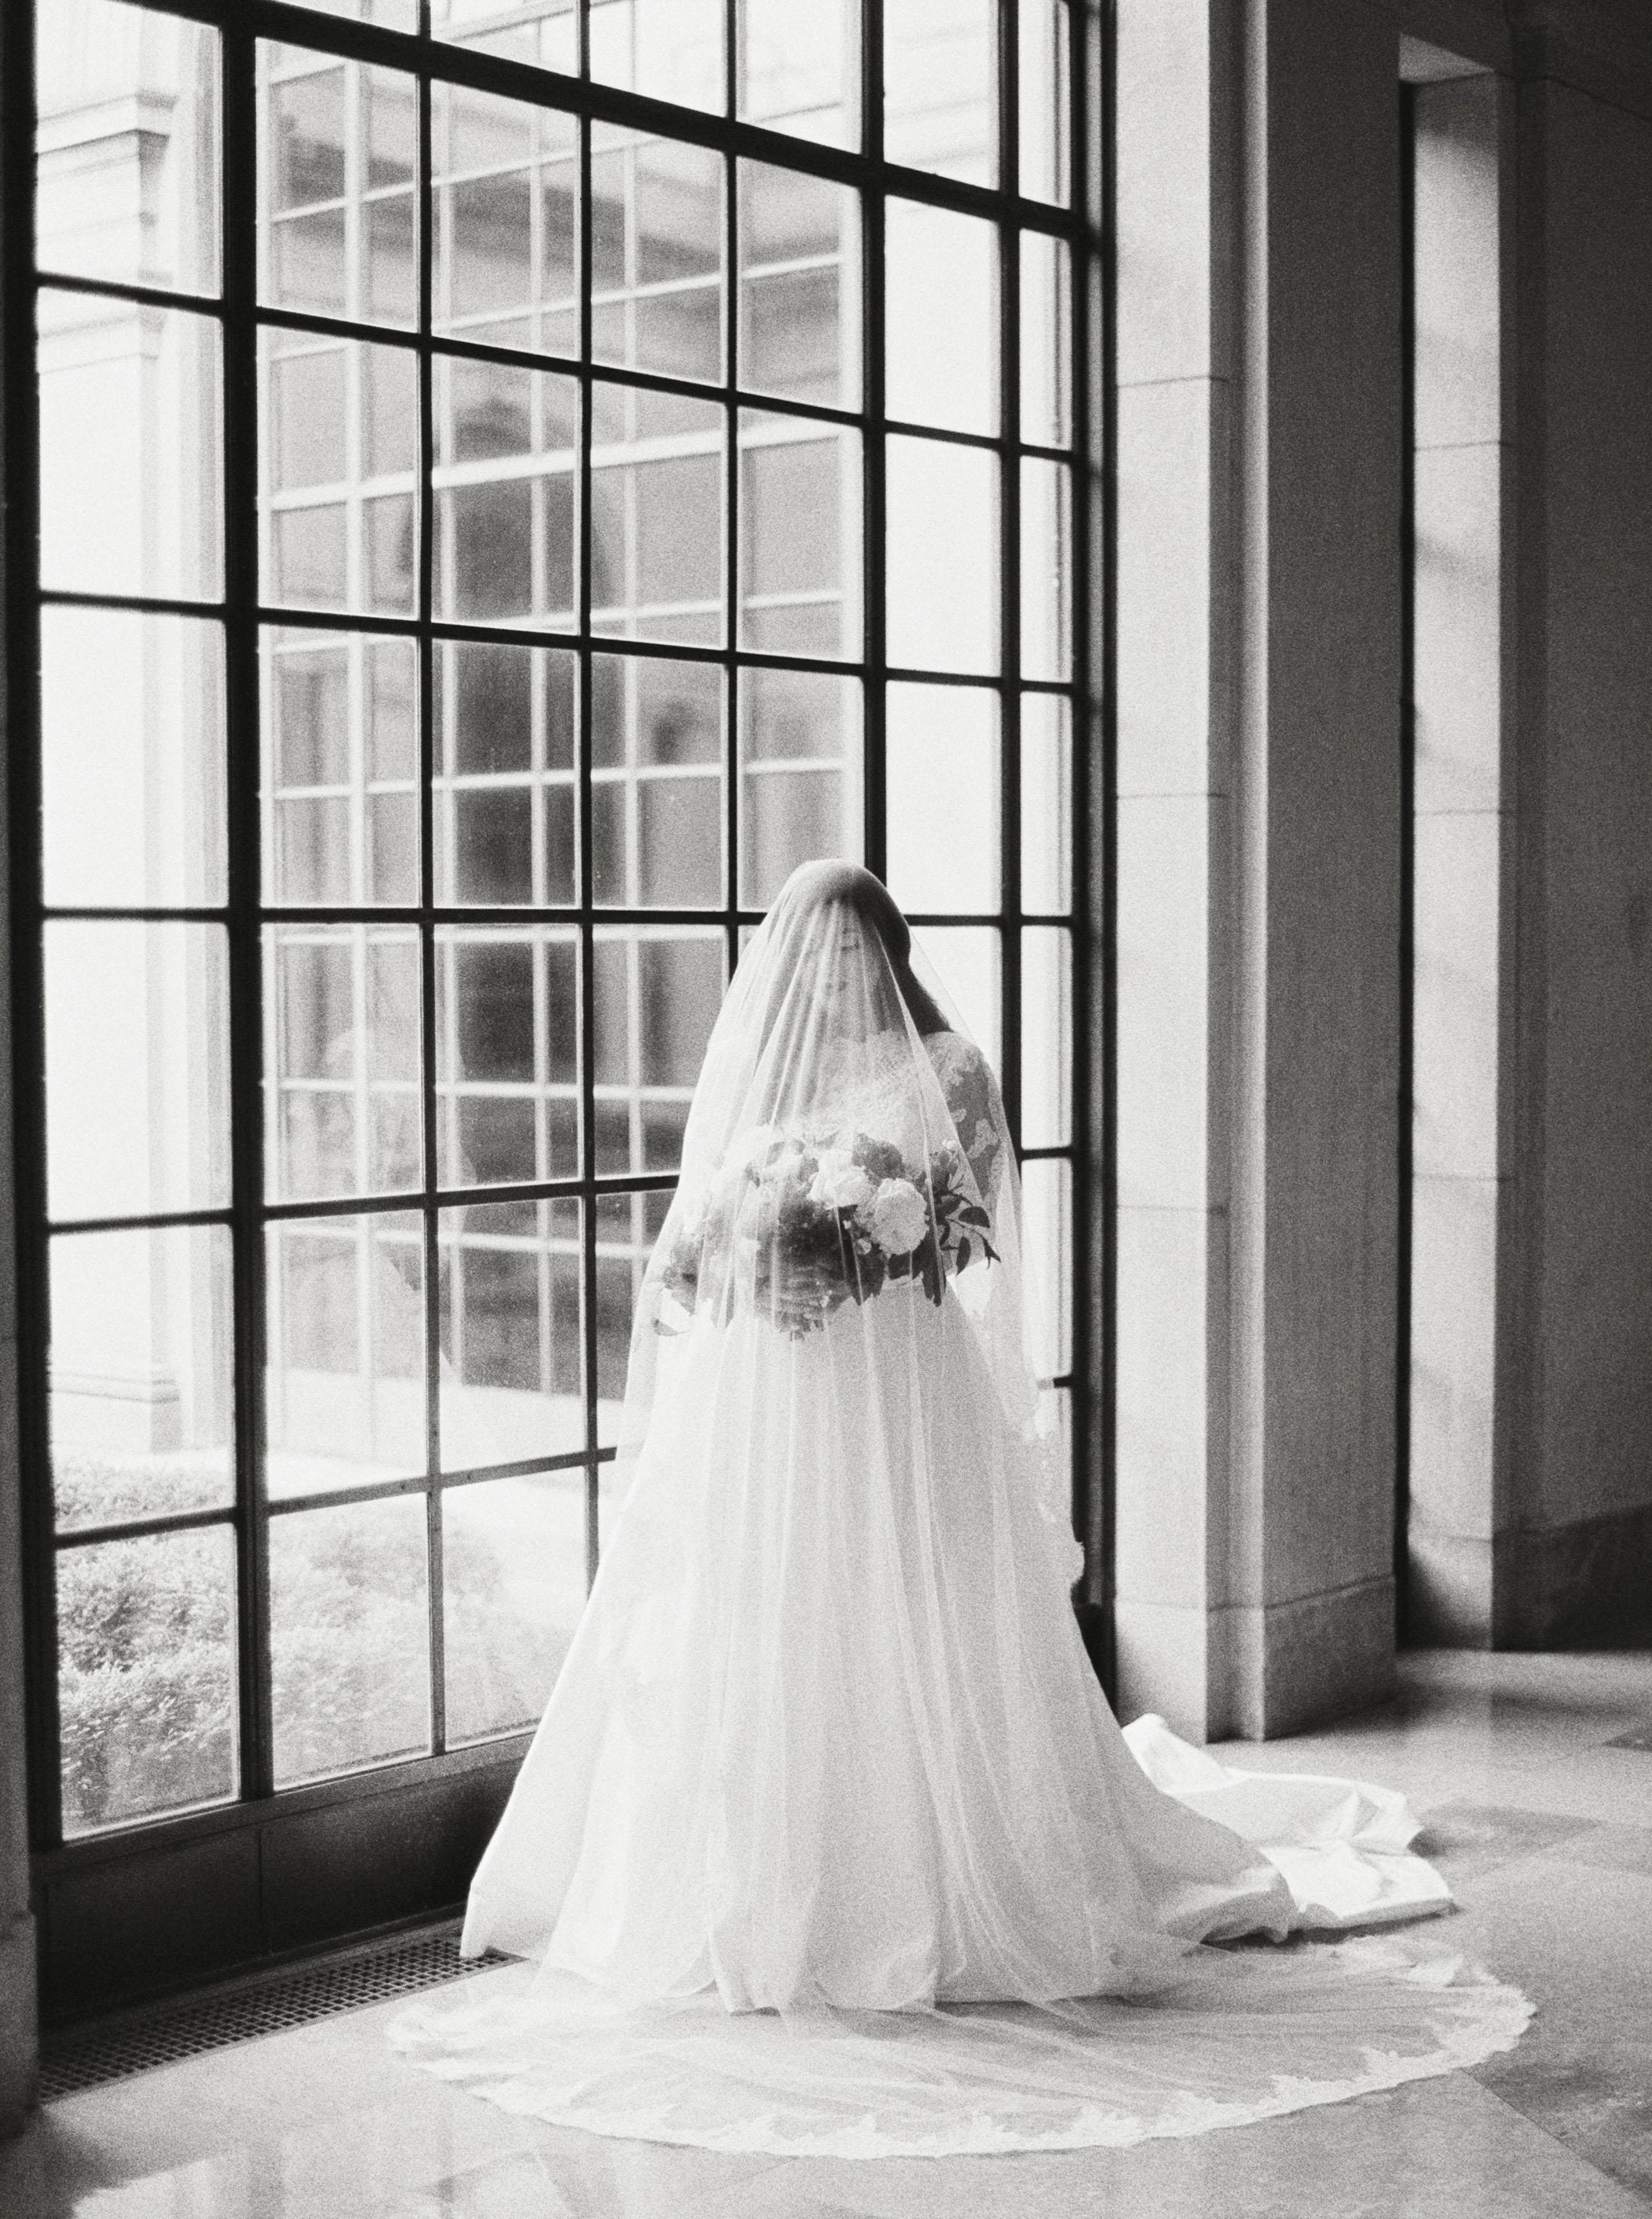 daniela emmanuel wedding maryland bride